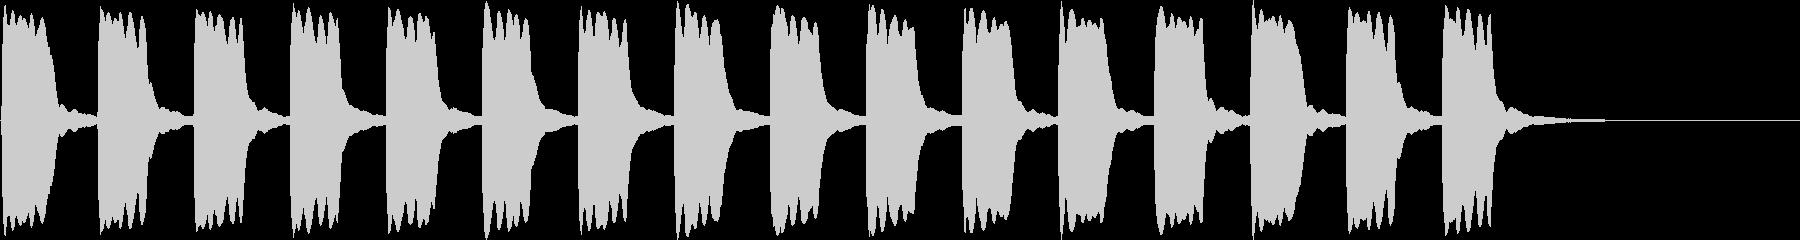 ピーピー...。緊急事態の警報音B(長)の未再生の波形